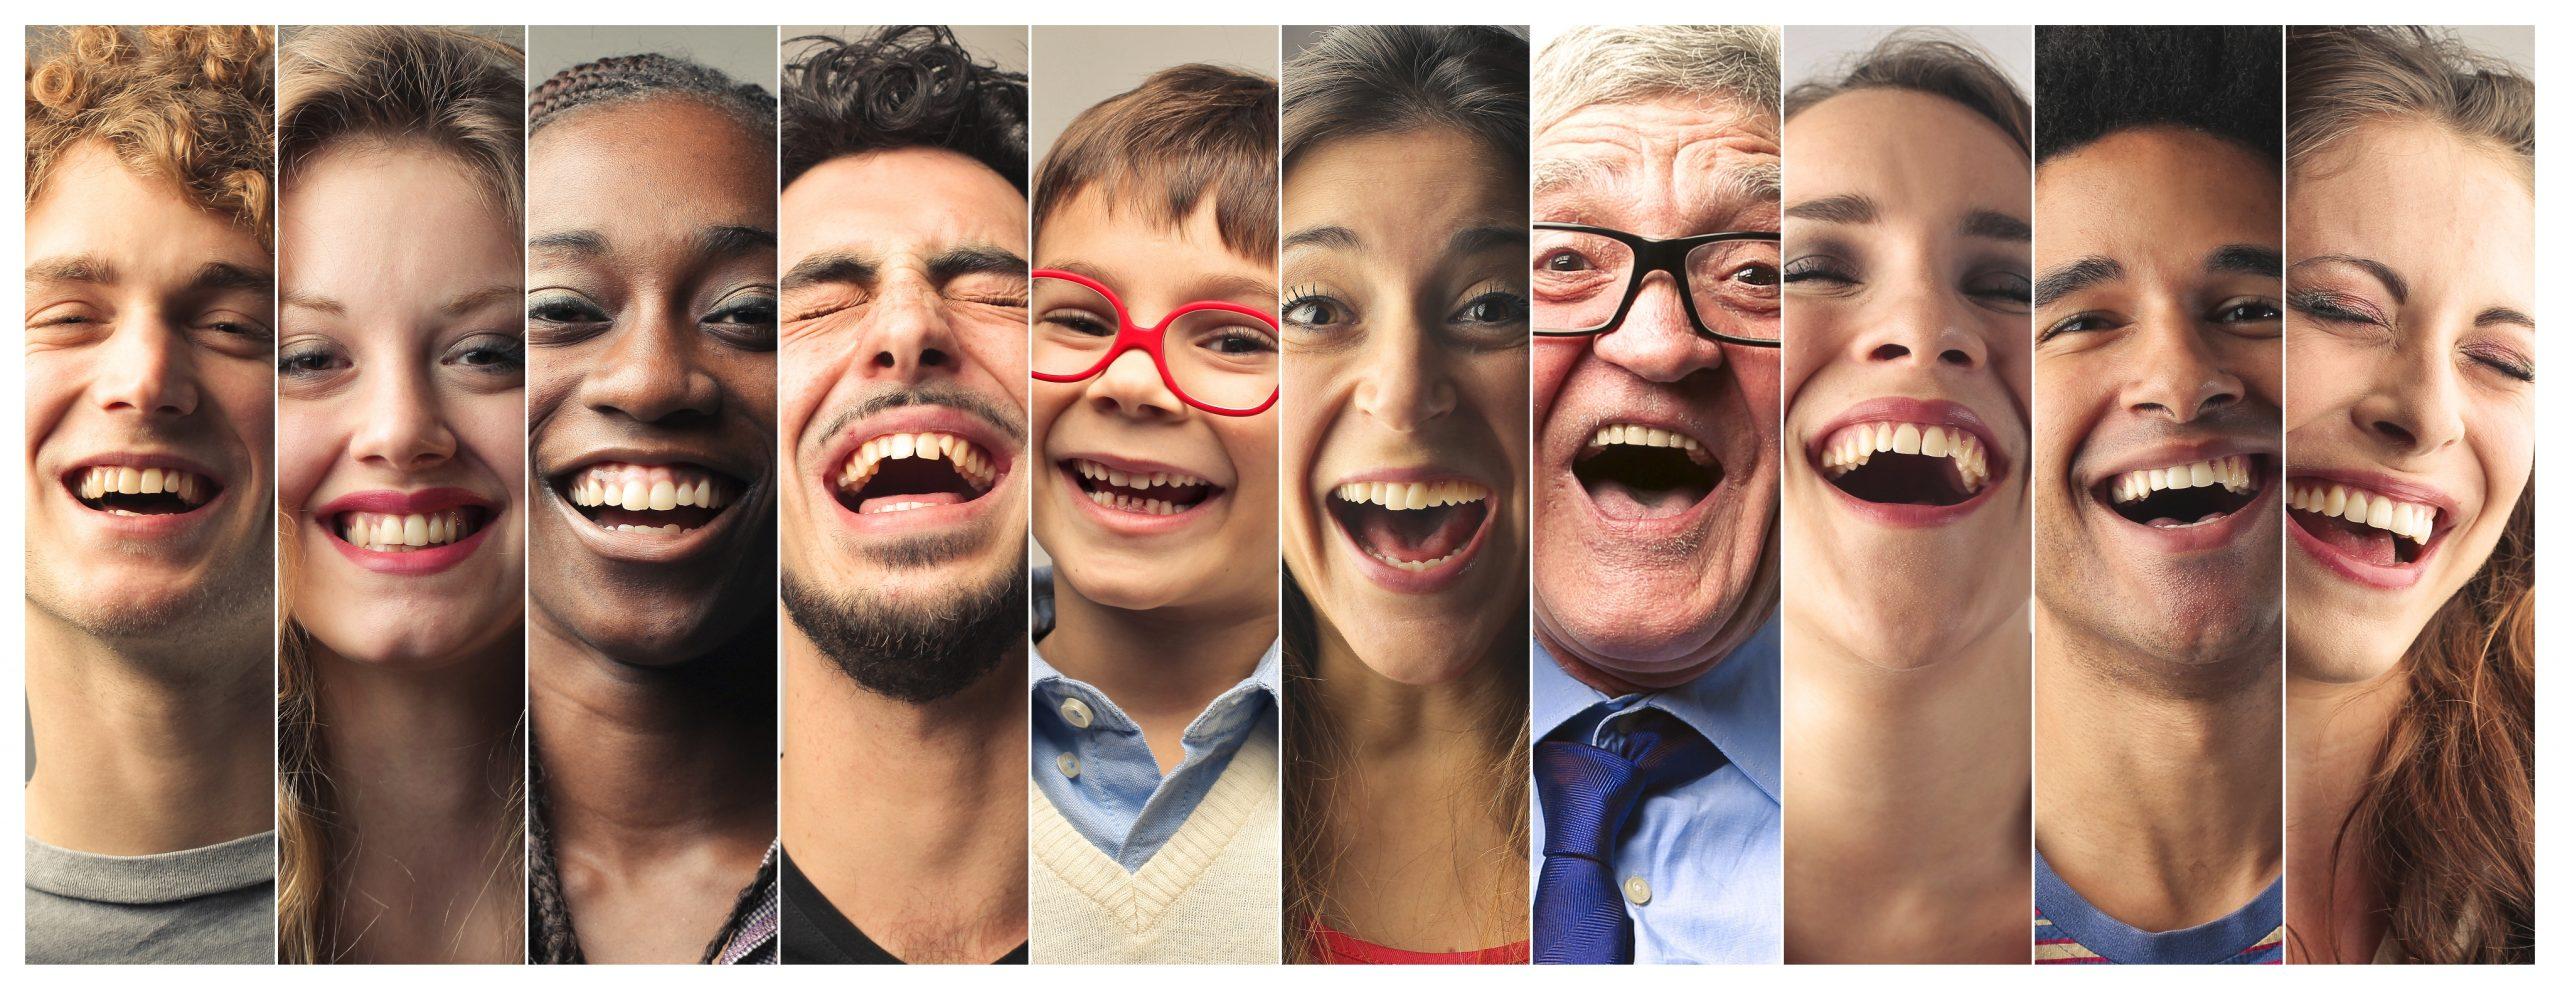 İnsan Neden Güler? | nsan Neden Güler scaled